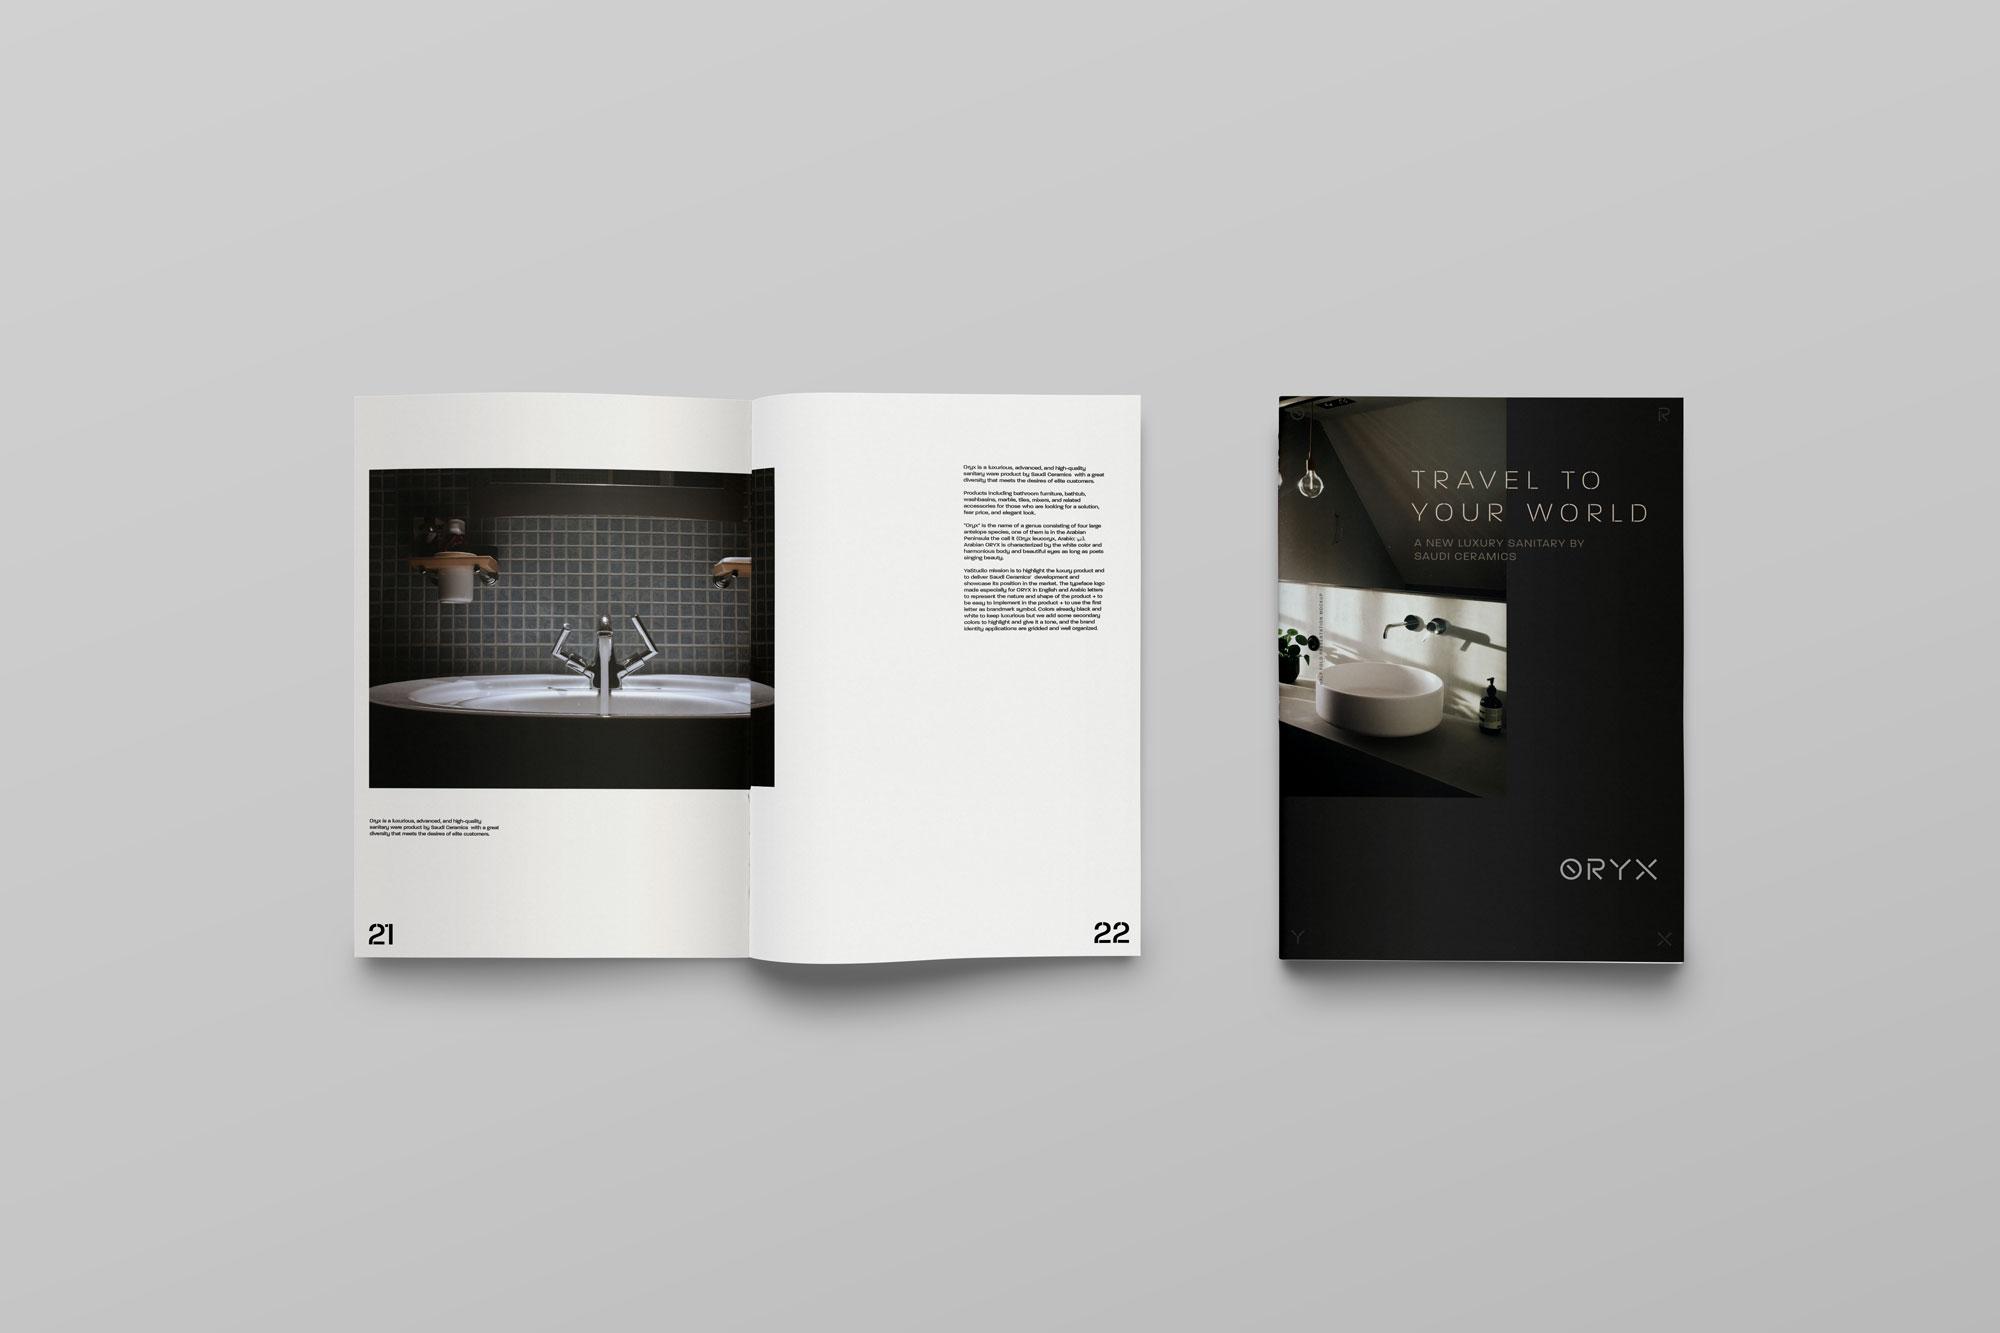 ORYX-work-by-YaStudio-07